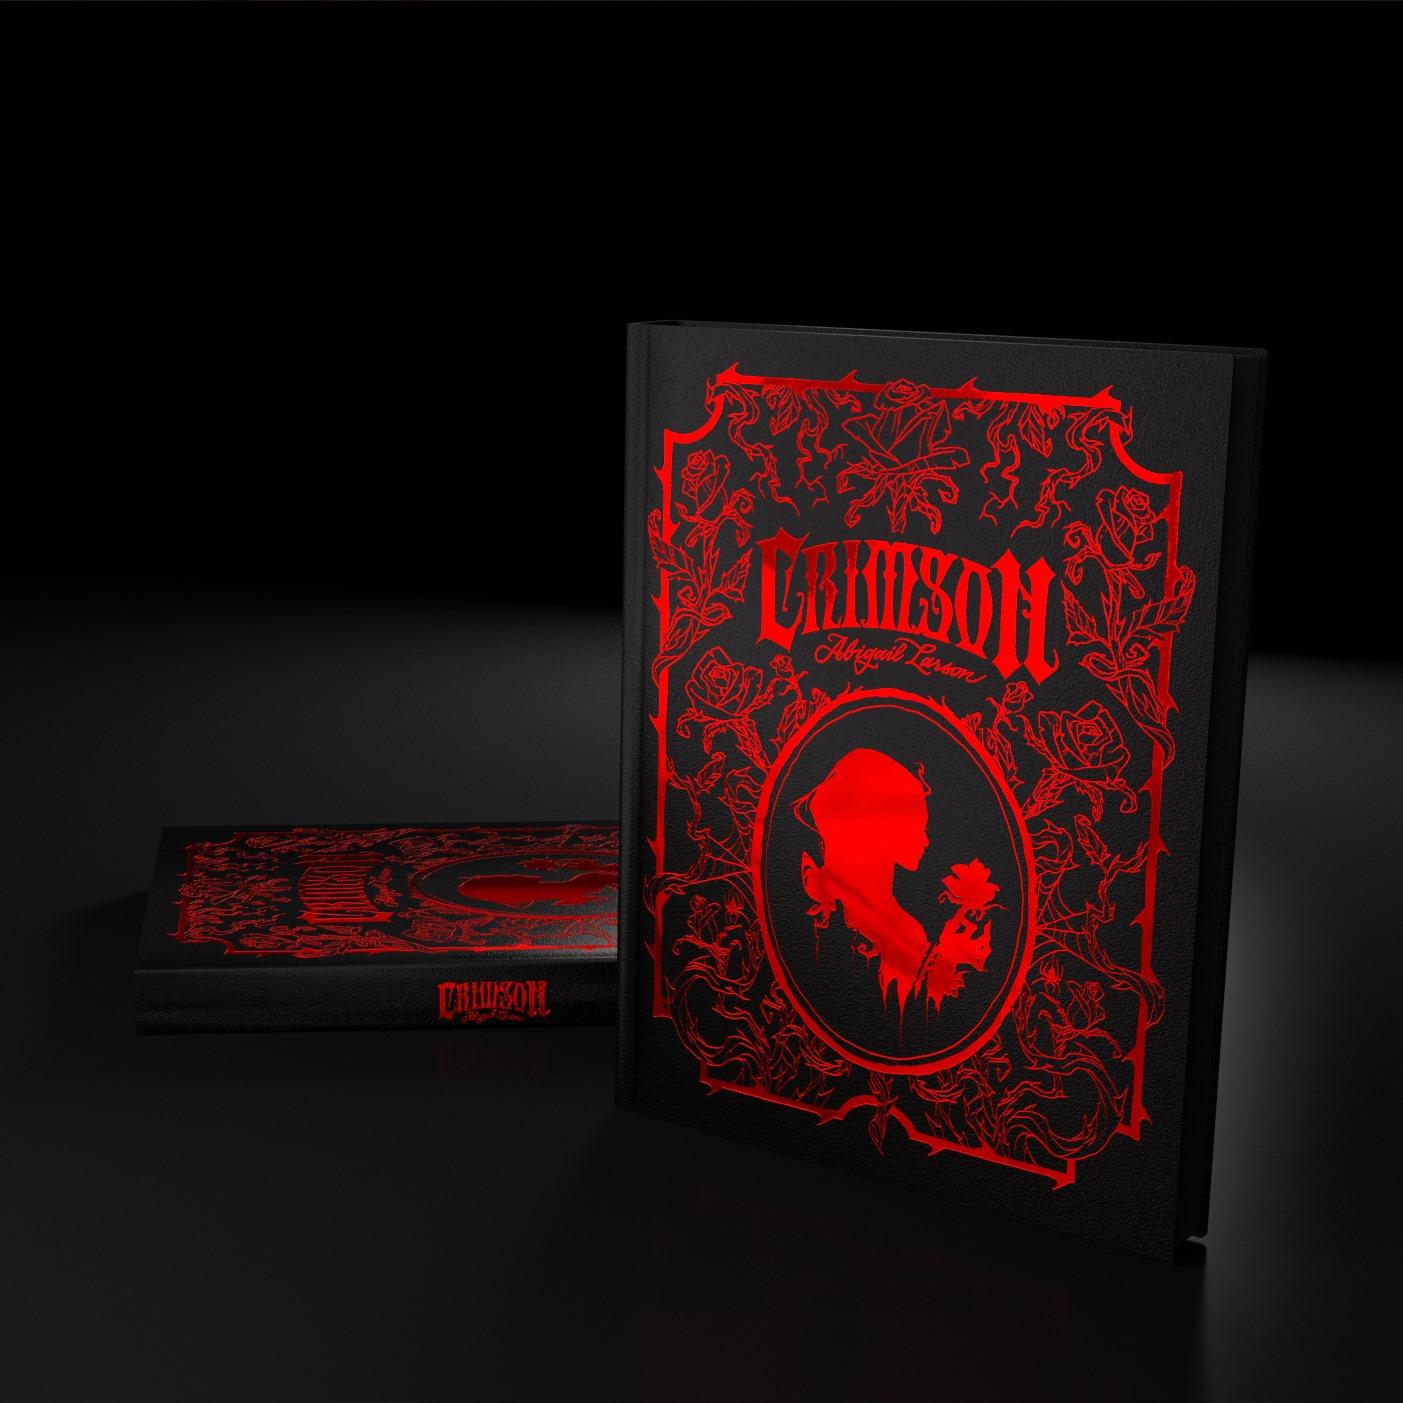 Image de l'artbook Crimson d'Abigail Larson : une photo du livre.